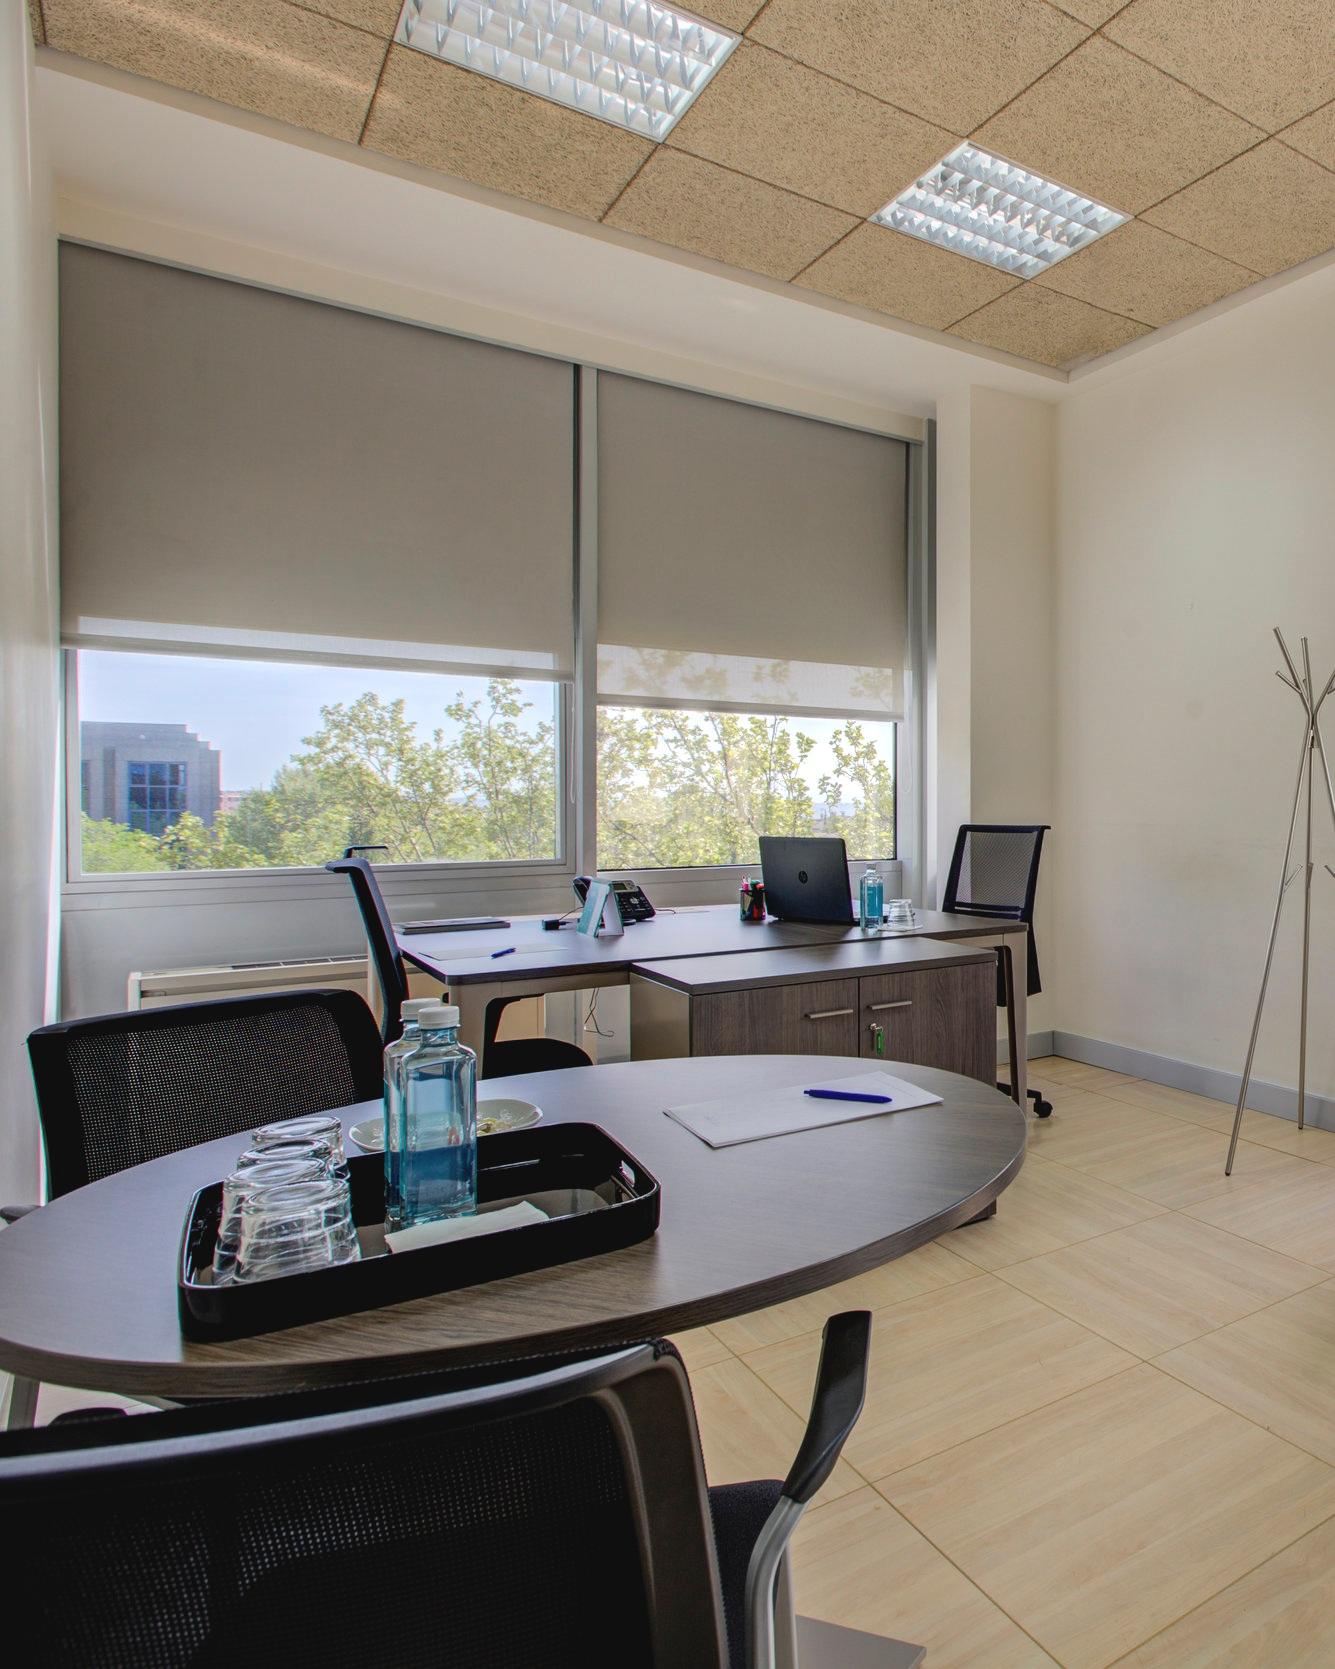 Oficinas flexibles luminosas con un diseño espectacular - Ponemos a tu disposición diferentes oficinas y despachos que se ajustan a lo que de verdad necesitas. Dispón de un lugar de trabajo profesional y vanguardista caracterizado por su diseño innovador y la iluminación natural en sus espacios.Ver oficinas >